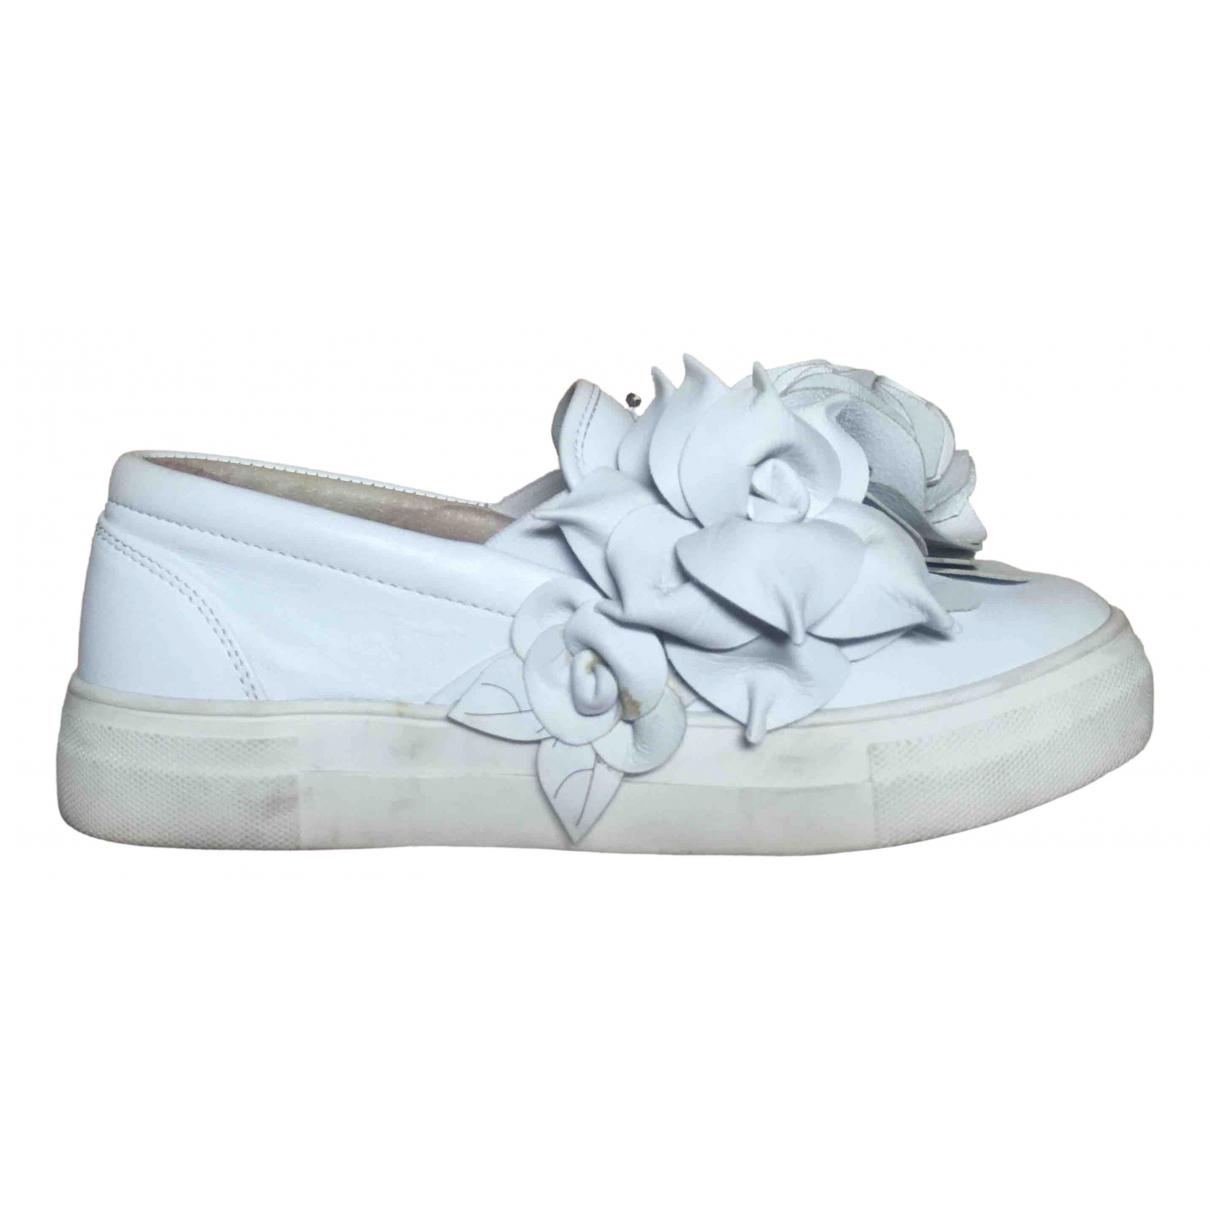 Sophia Webster \N Sneakers in  Weiss Leder